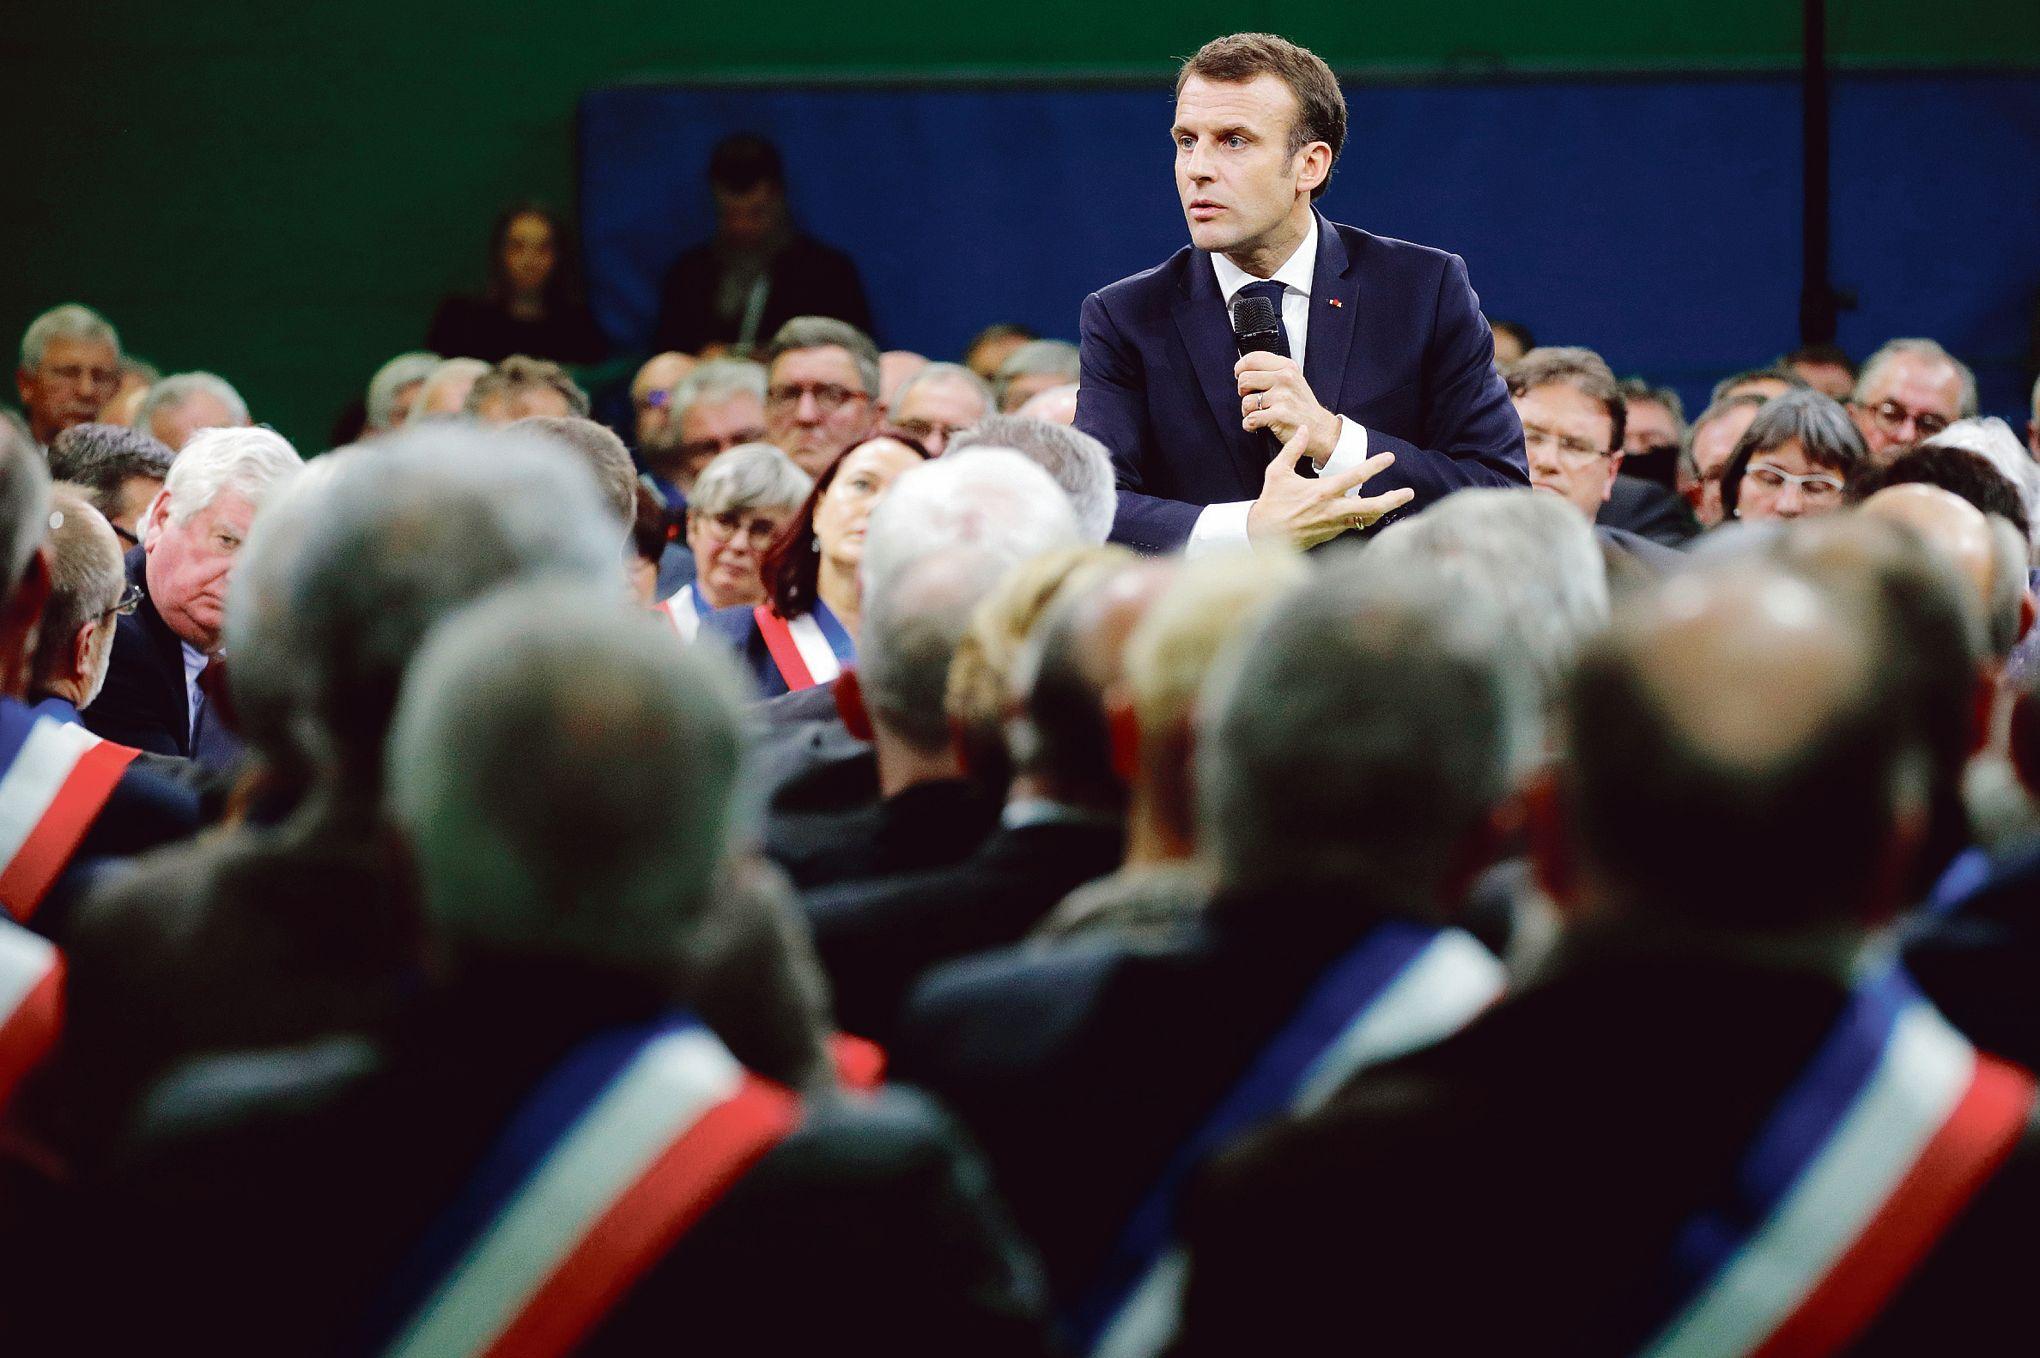 Calendrier Meeting Macron 2019.Le Debat Marathon D Emmanuel Macron Avec Les Maires